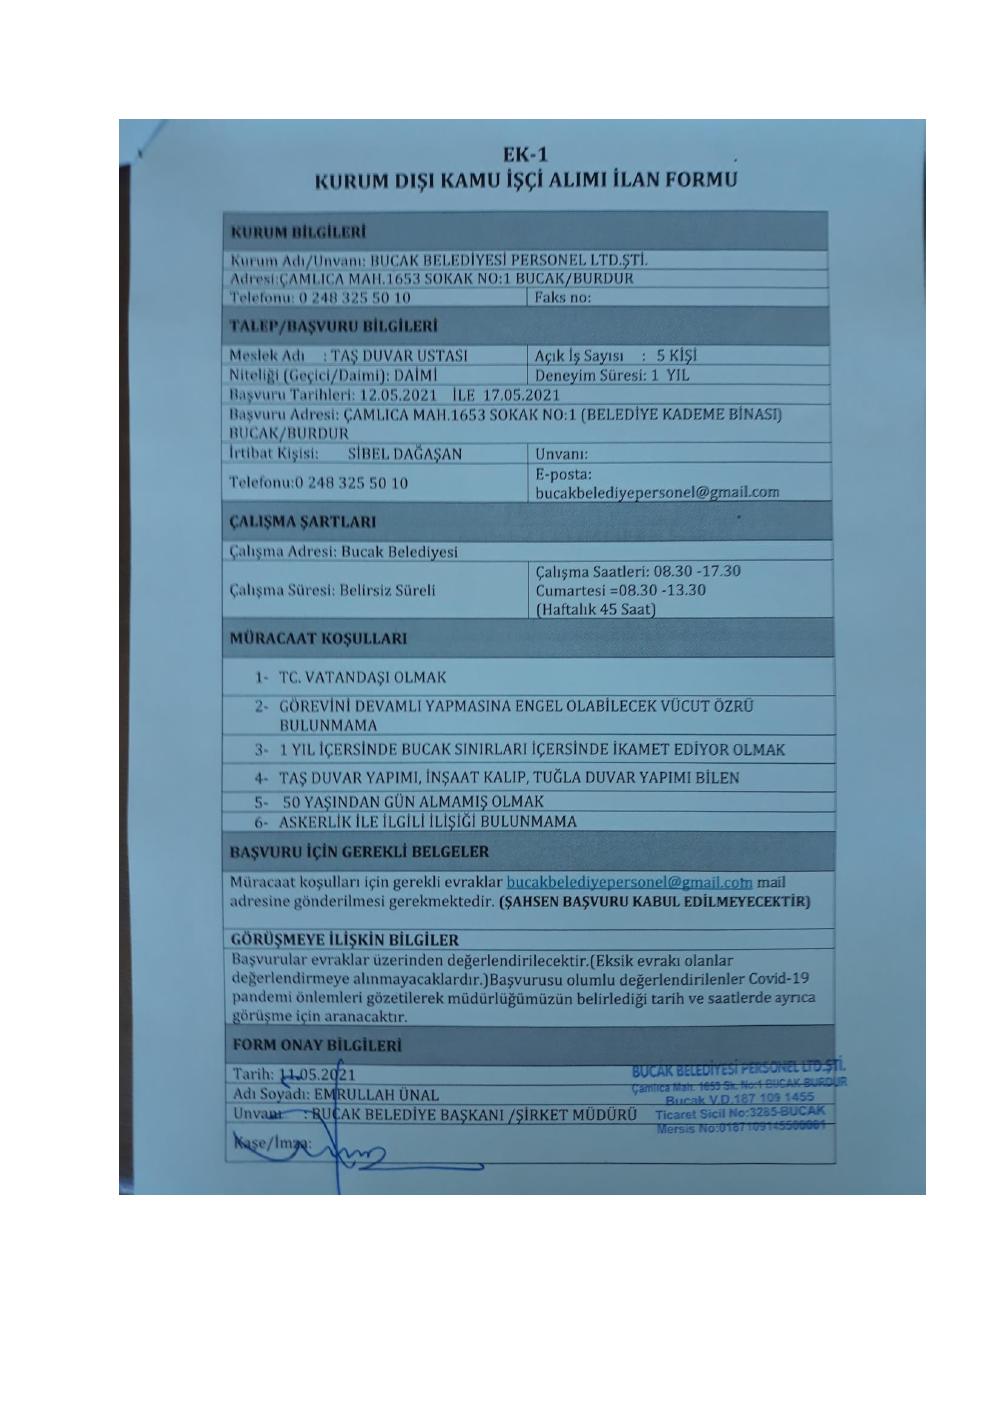 burdur-bucak-belediyesi-personel-ltd-sti-17-05-2021-000001.png